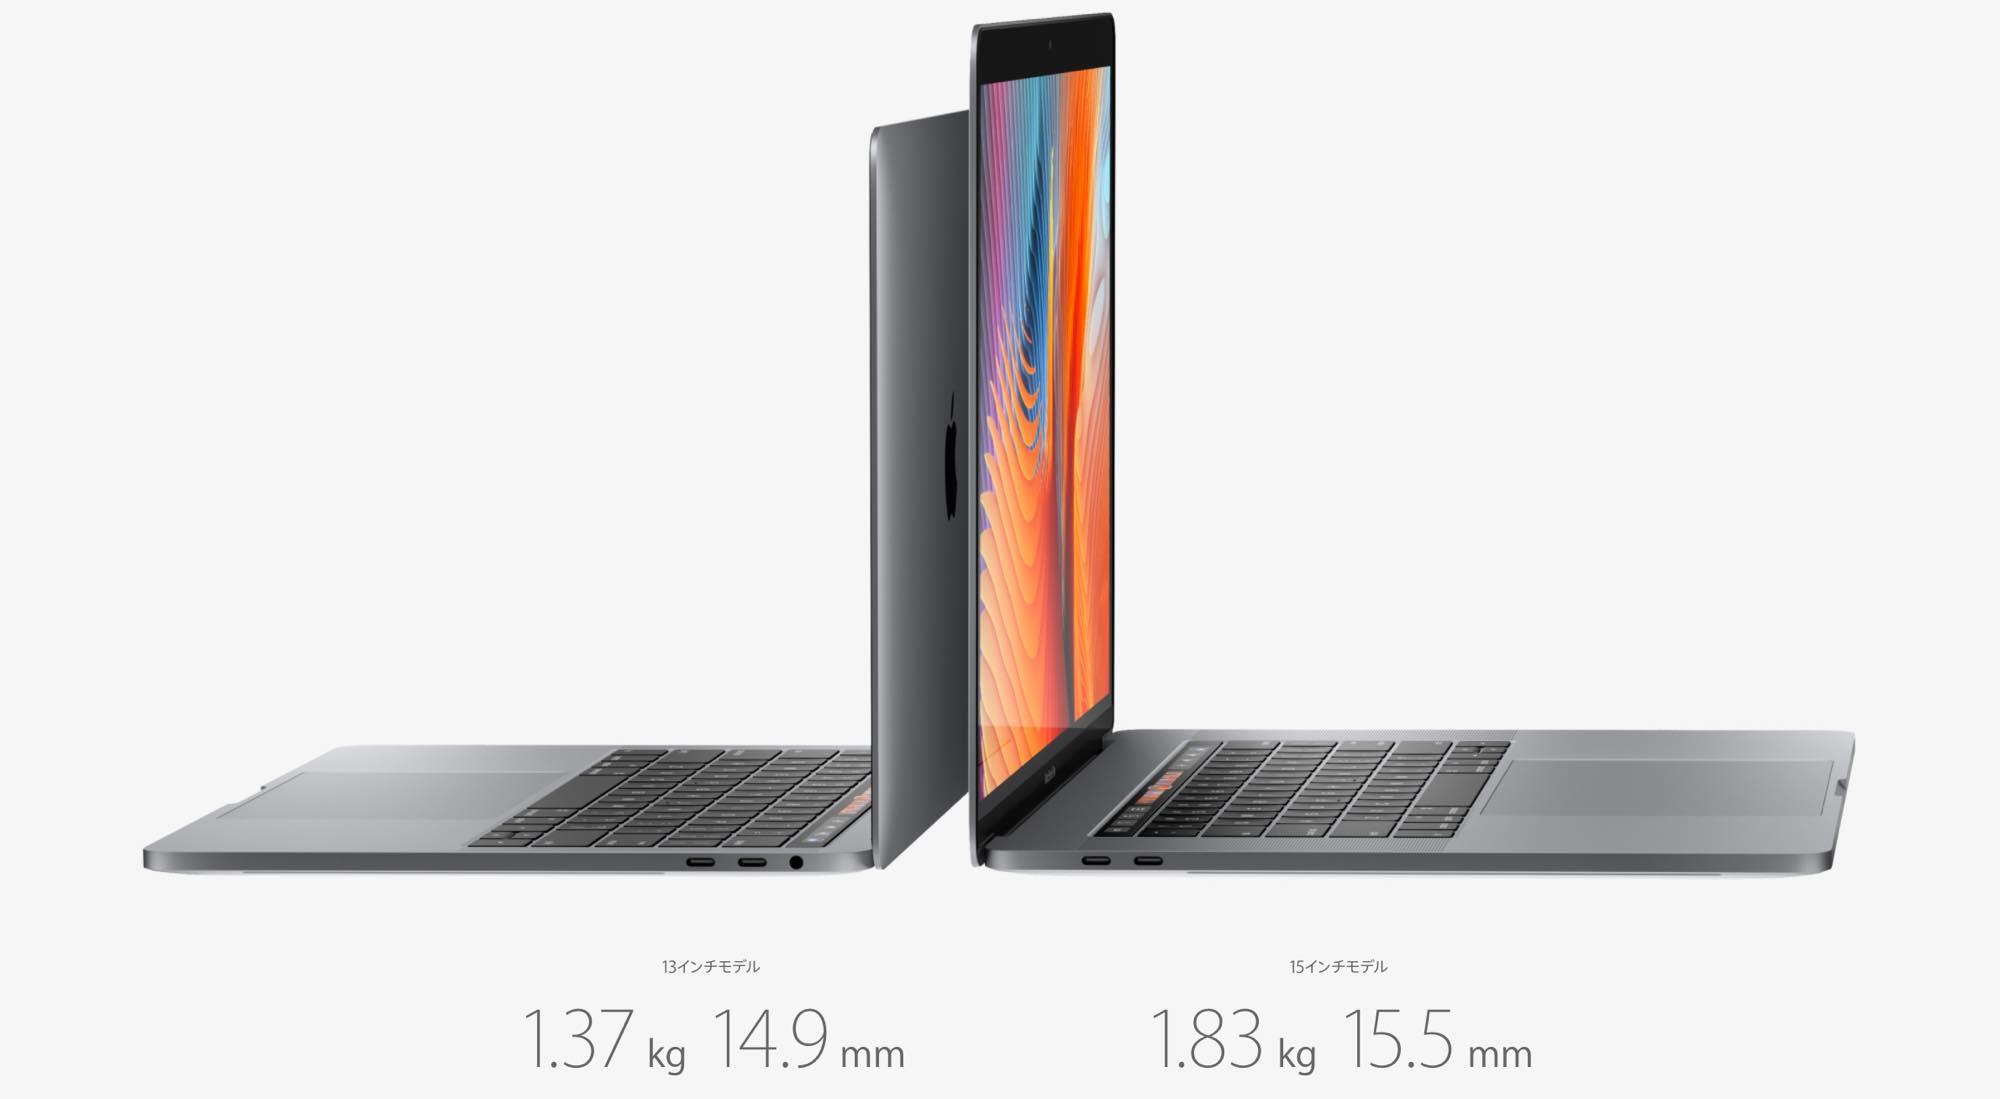 macbookpro-20164